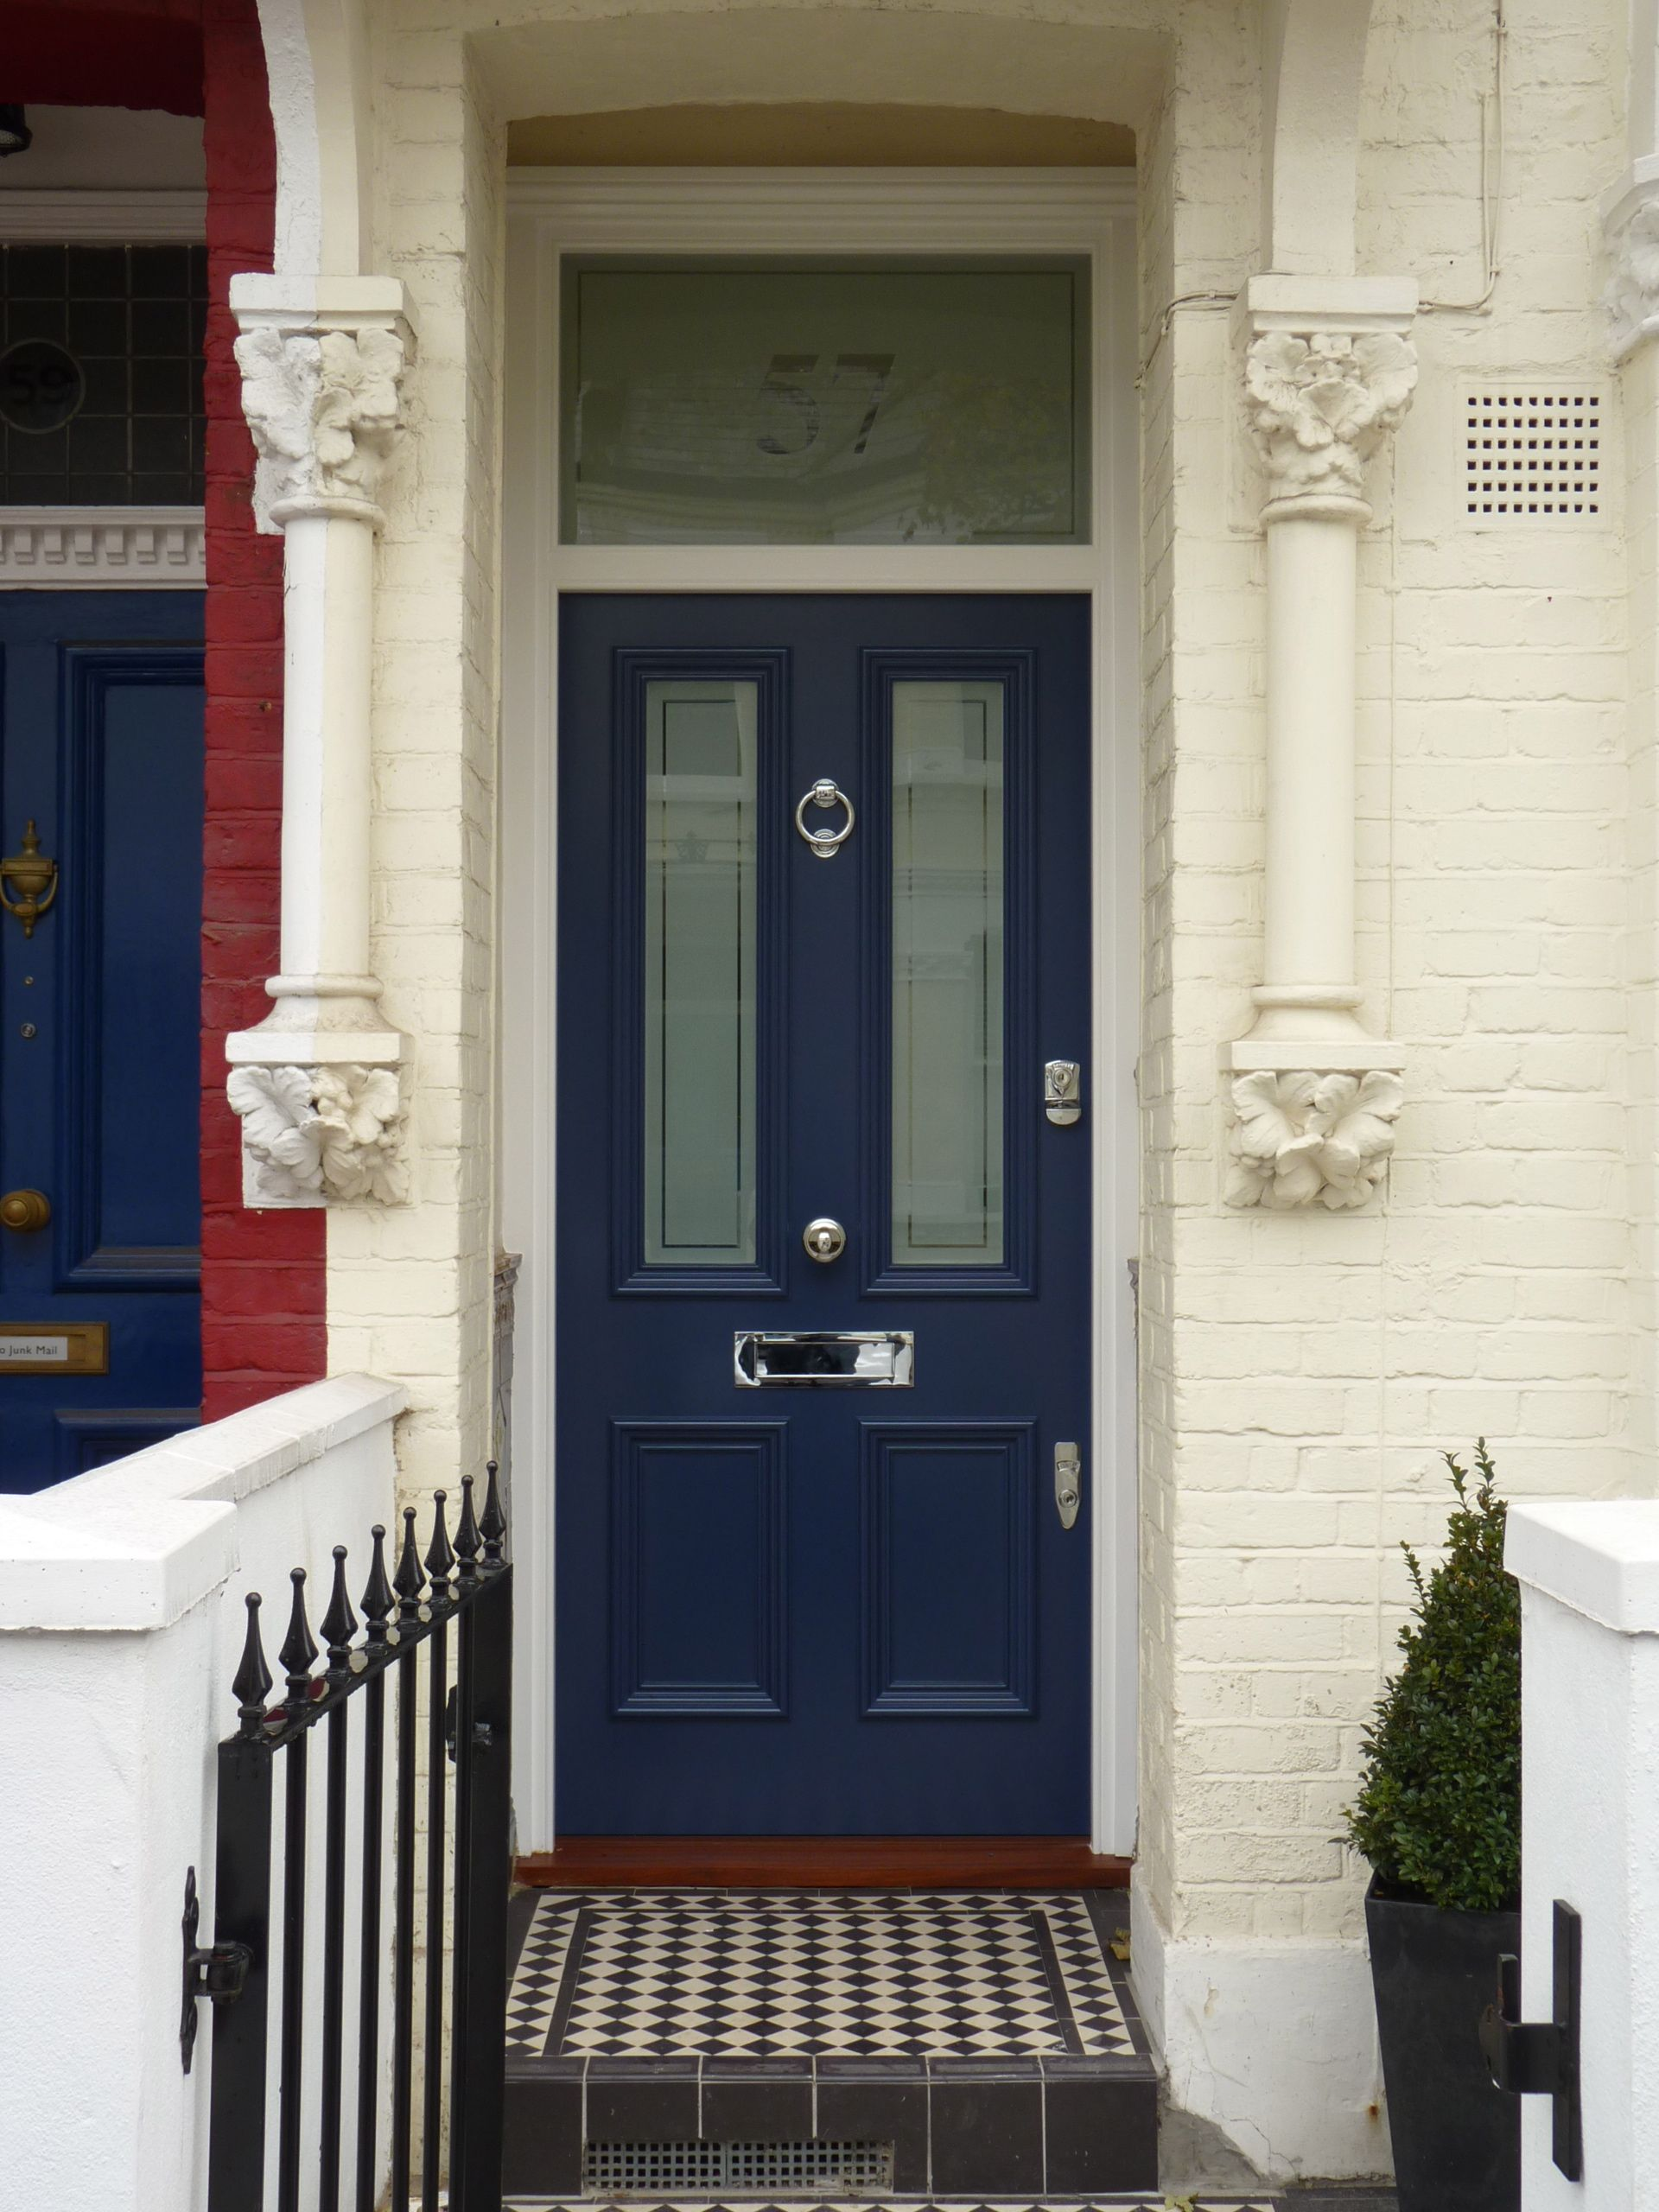 South West London - LDC Storm Blue | Curb Appeal | Pinterest ...